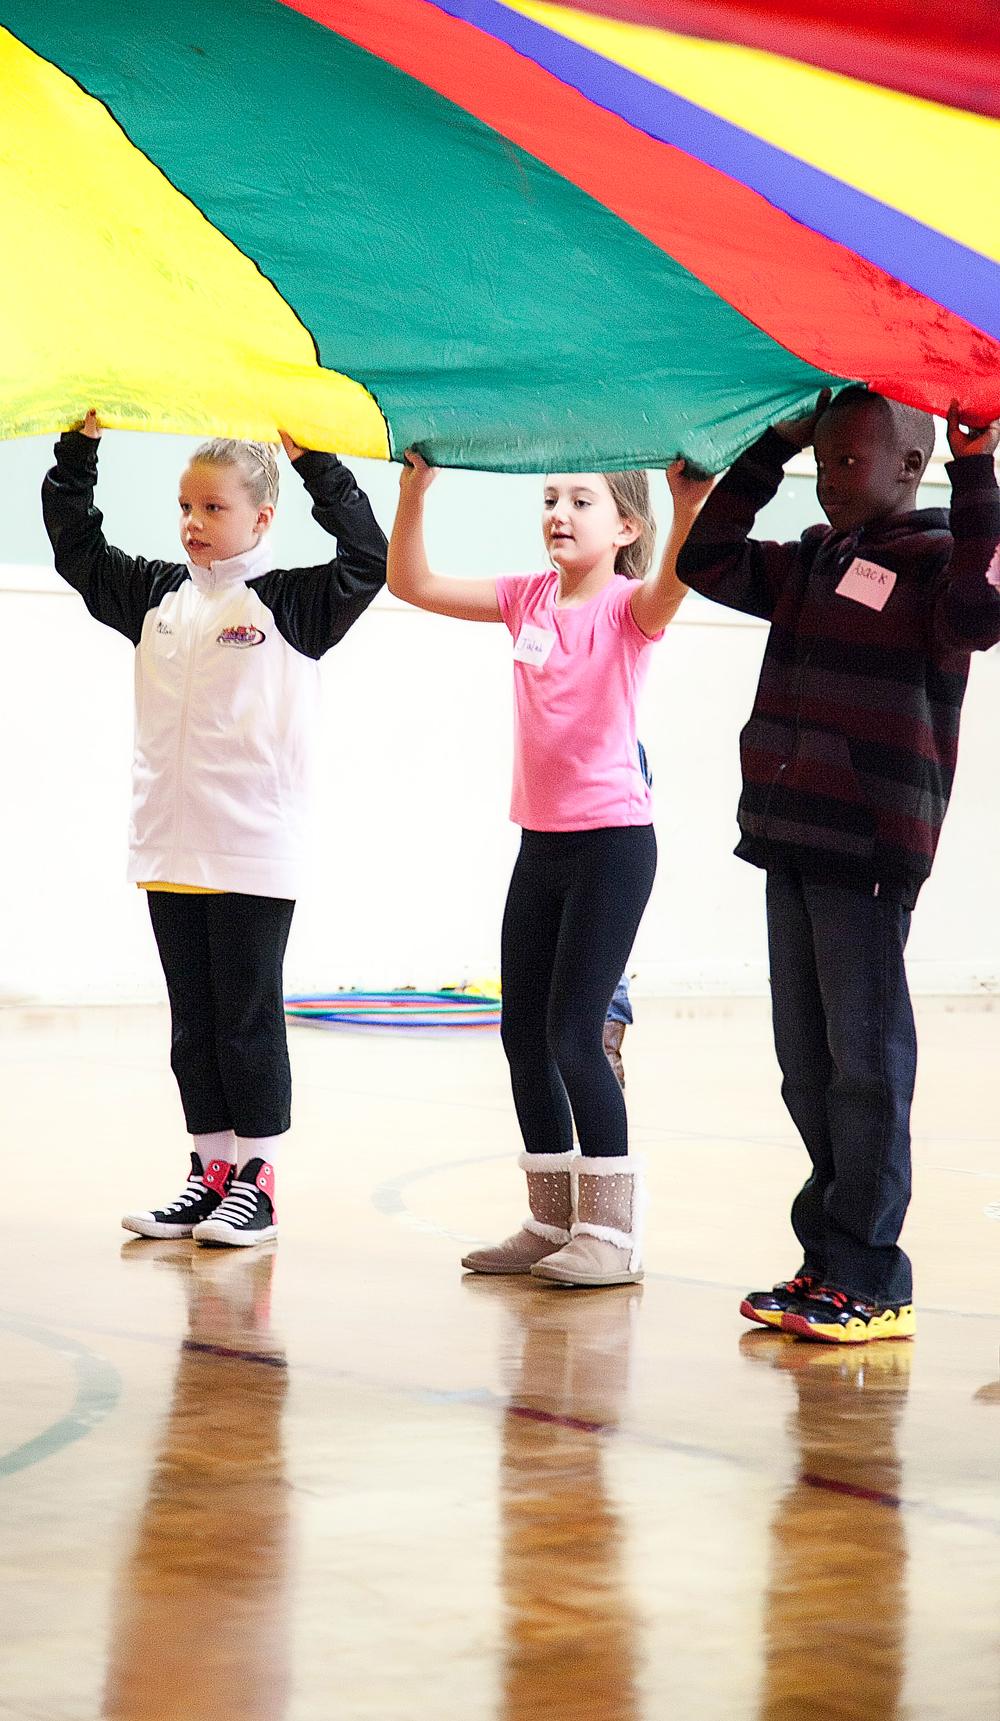 10 24 14 parachute pic 3 kids.jpg